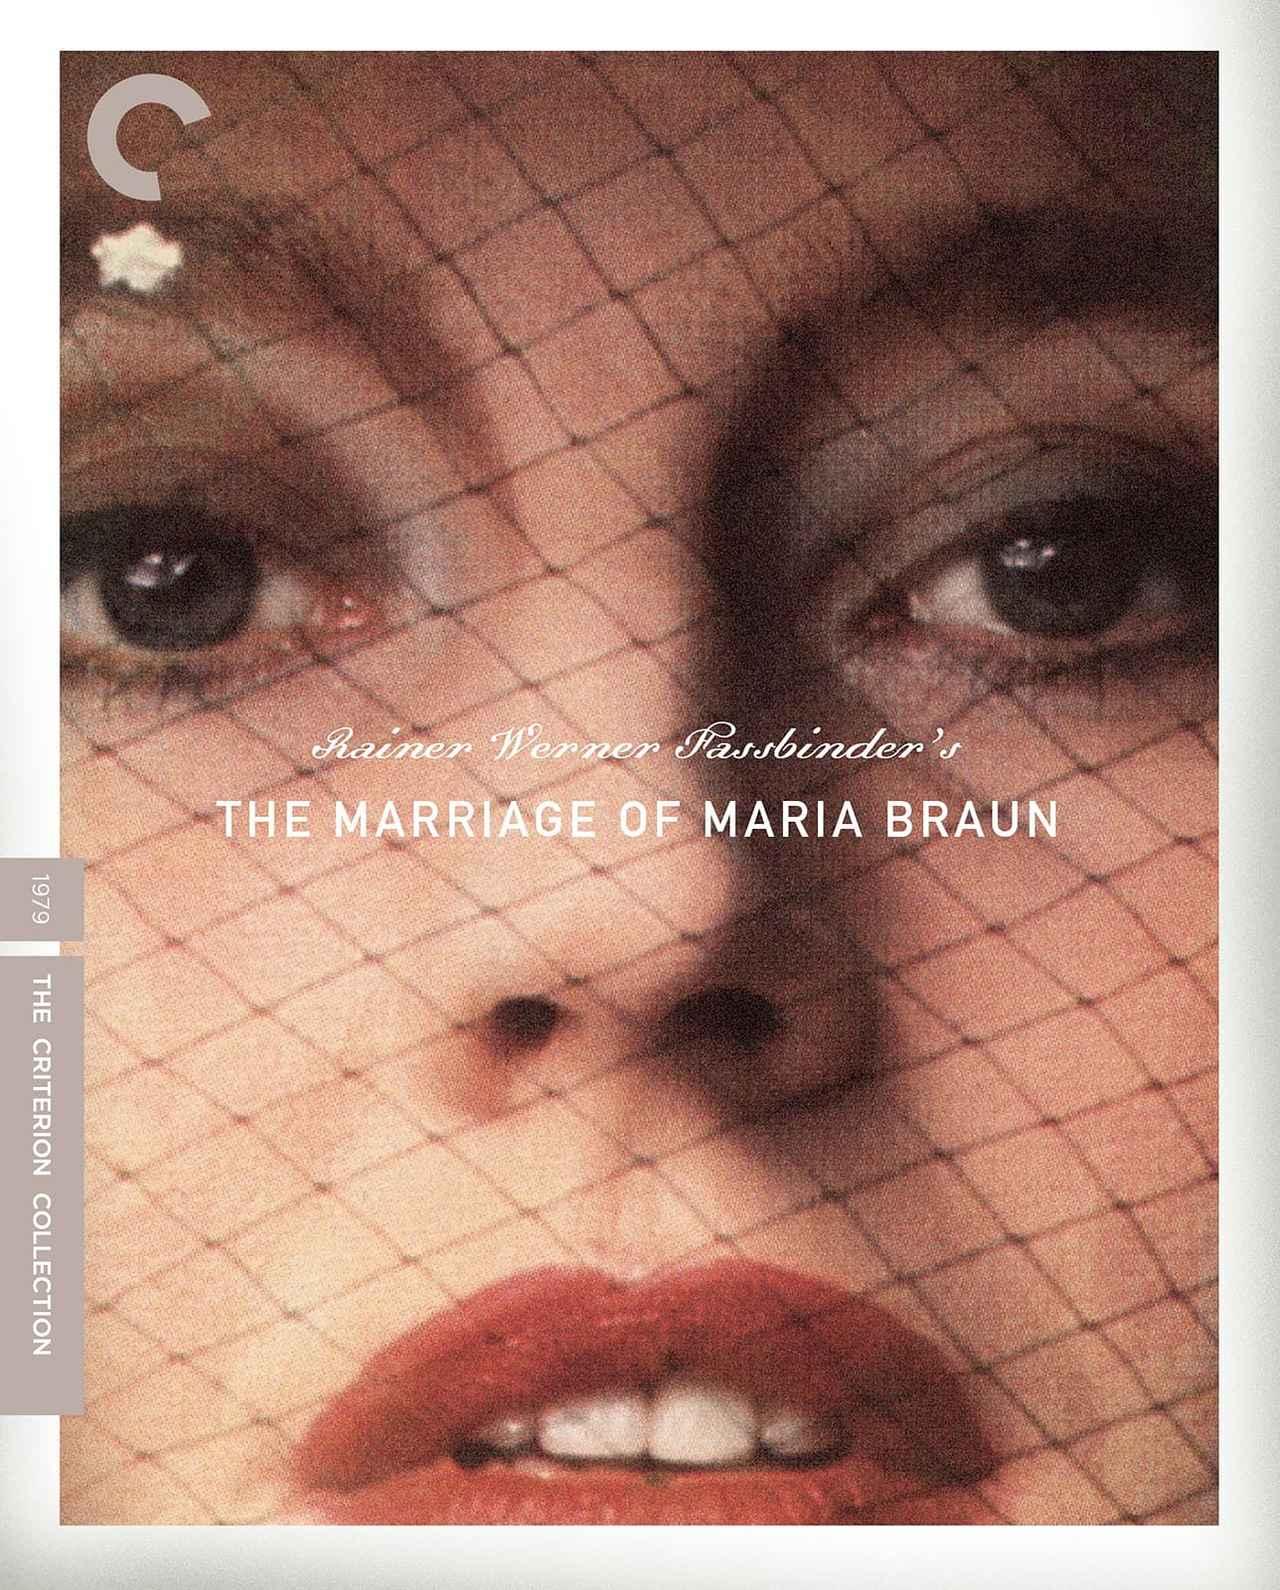 画像2: ライナー・ヴェルナー・ファスビンダー監督作 西ドイツ三部作『マリア・ブラウンの結婚』『ベロニカ・フォスのあこがれ』『ローラ』【クライテリオンNEWリリース】